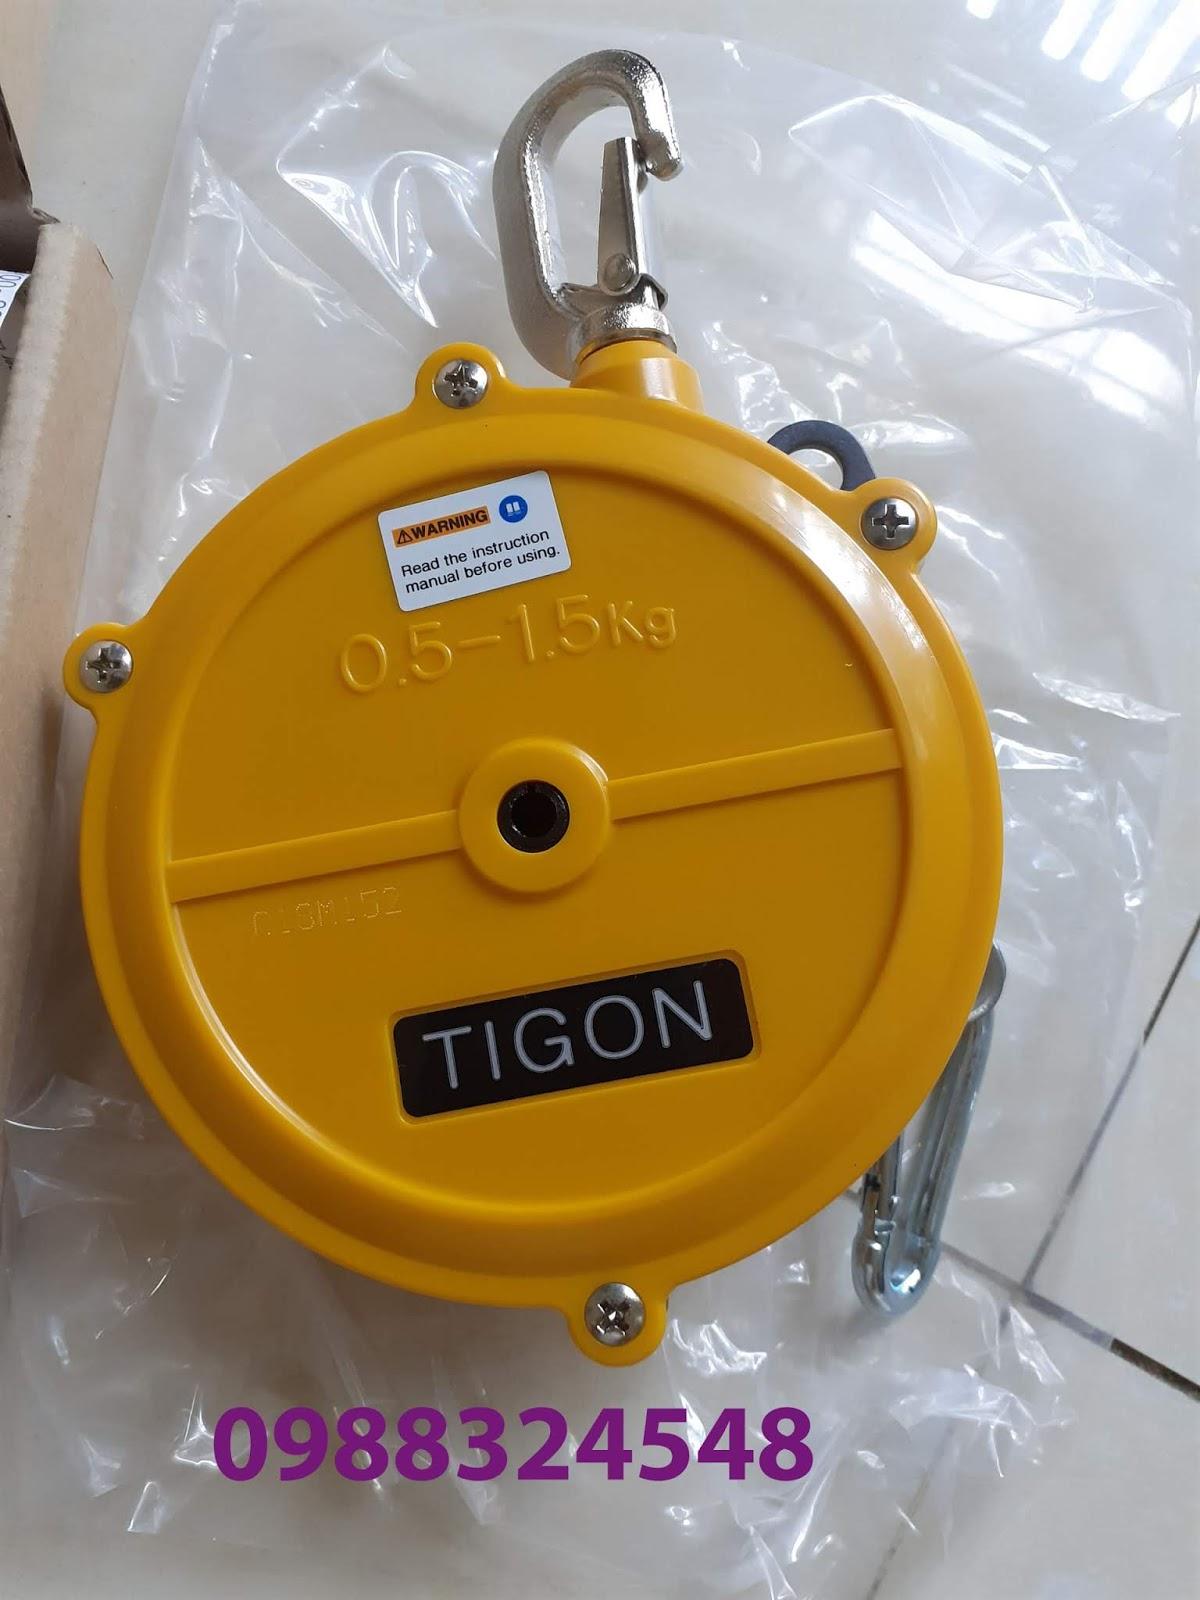 Pa lăng cân bằng Tigon TW-0